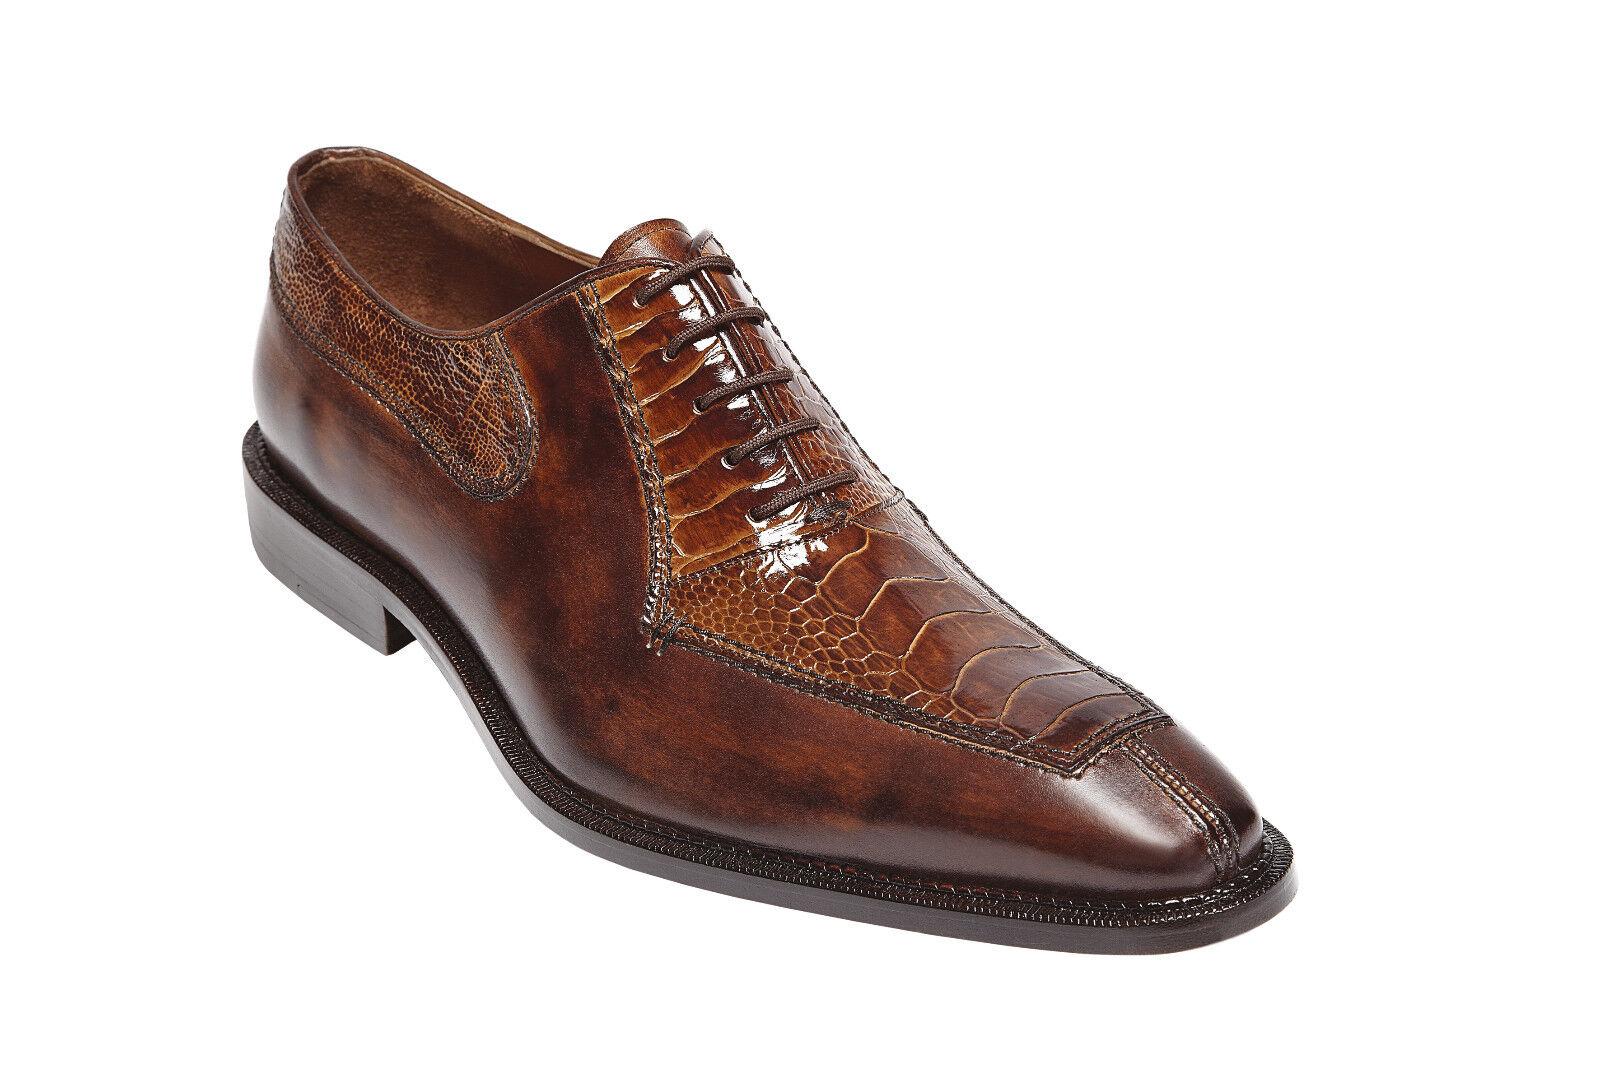 punto vendita Mens scarpe scarpe scarpe Dino Camel Almond Ostrich Italian Calf 0B1 Dimensione 13  nuovo di marca